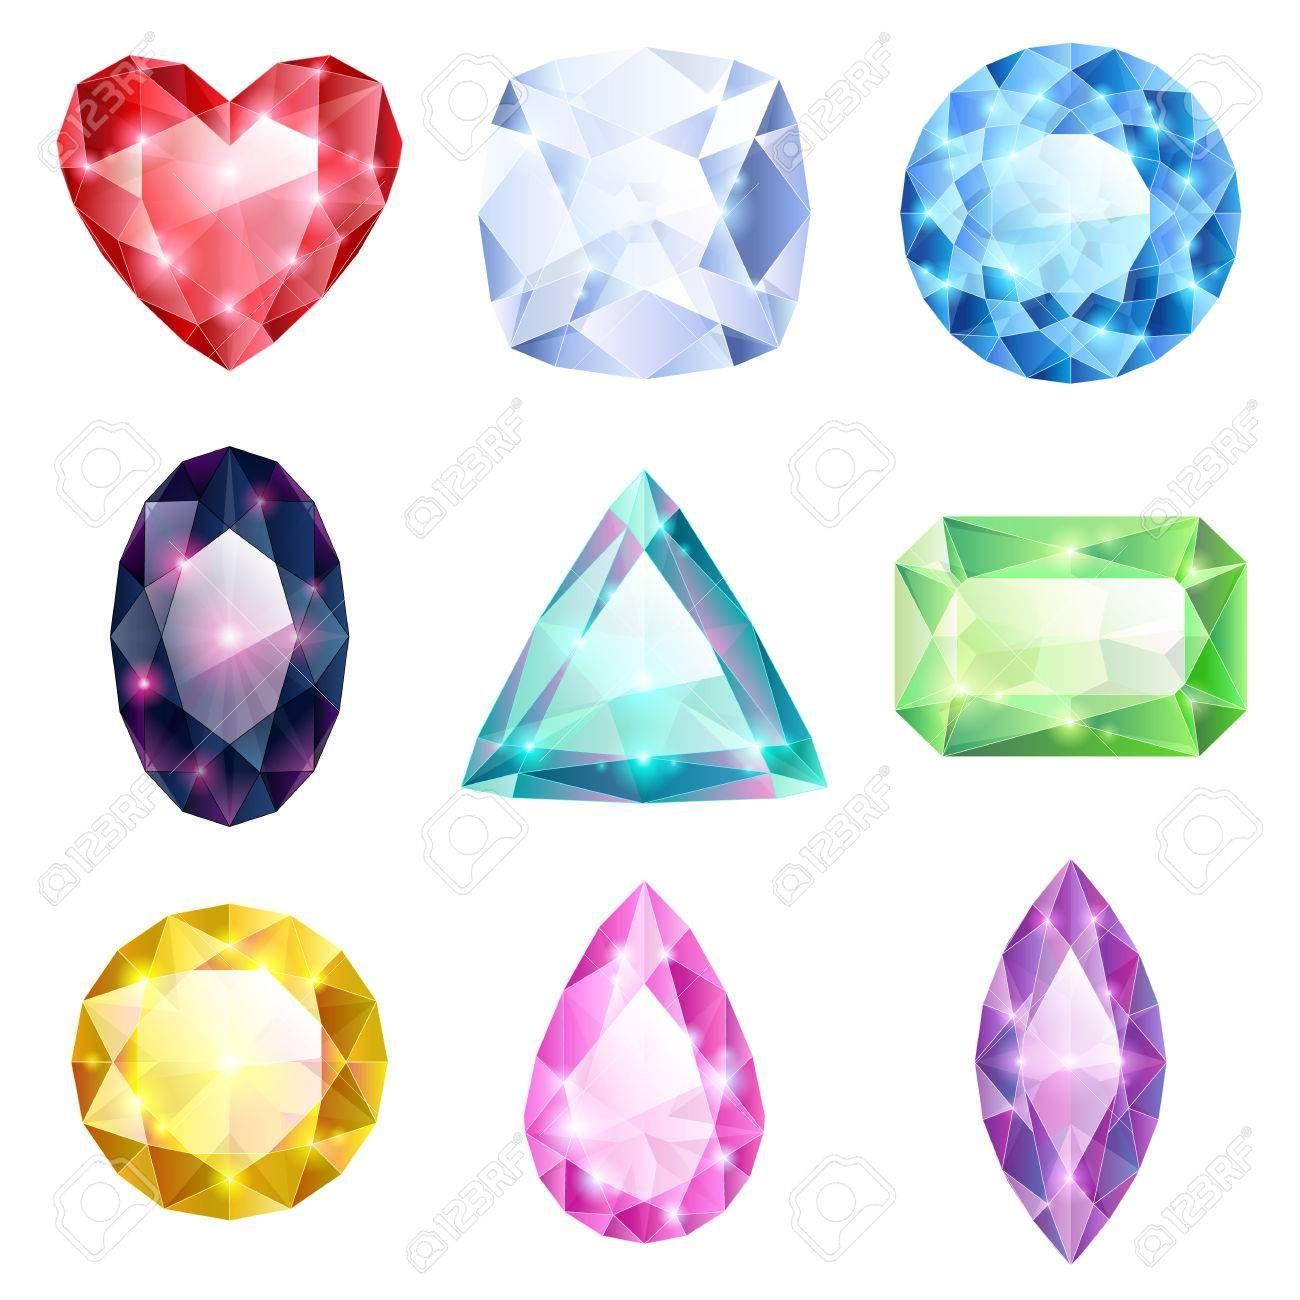 e809da1f1429 Conjunto de brillantes joyas de colores realistas. Diferentes piedras  aisladas sobre fondo blanco. Foto de archivo - 32870073